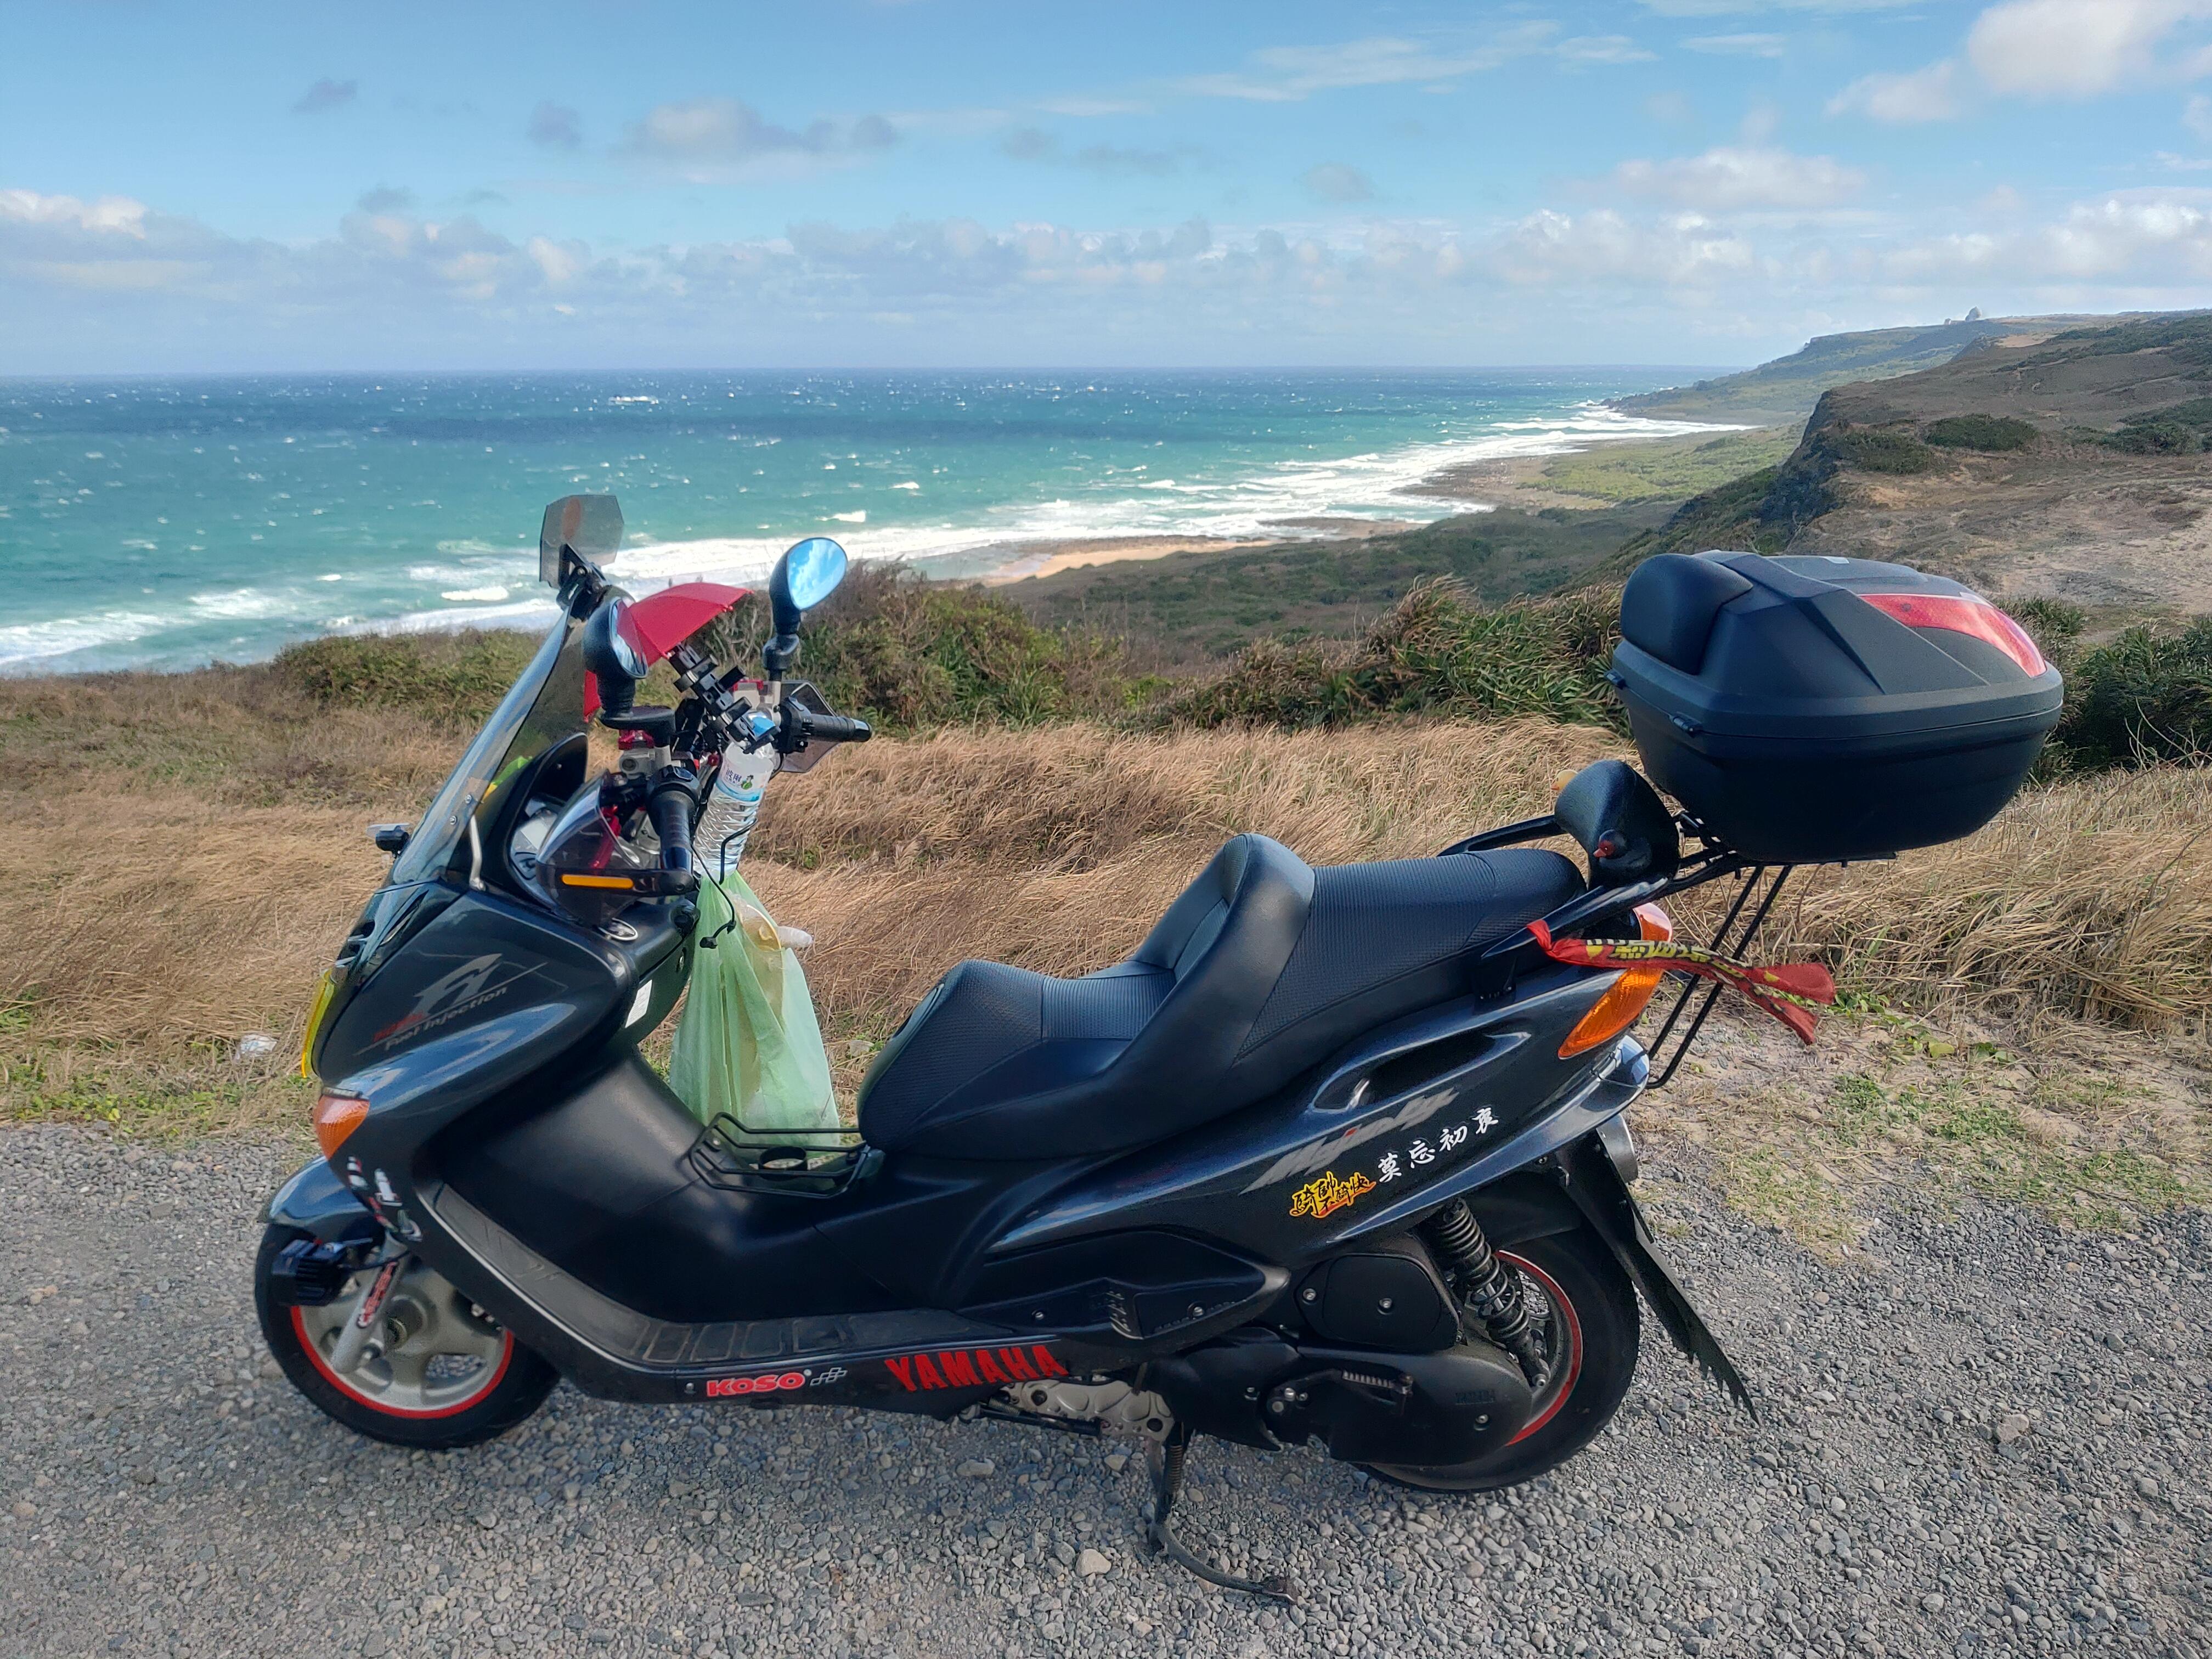 5th 走!去騎摩托車吧!六天五夜山海奇行環島之旅3601